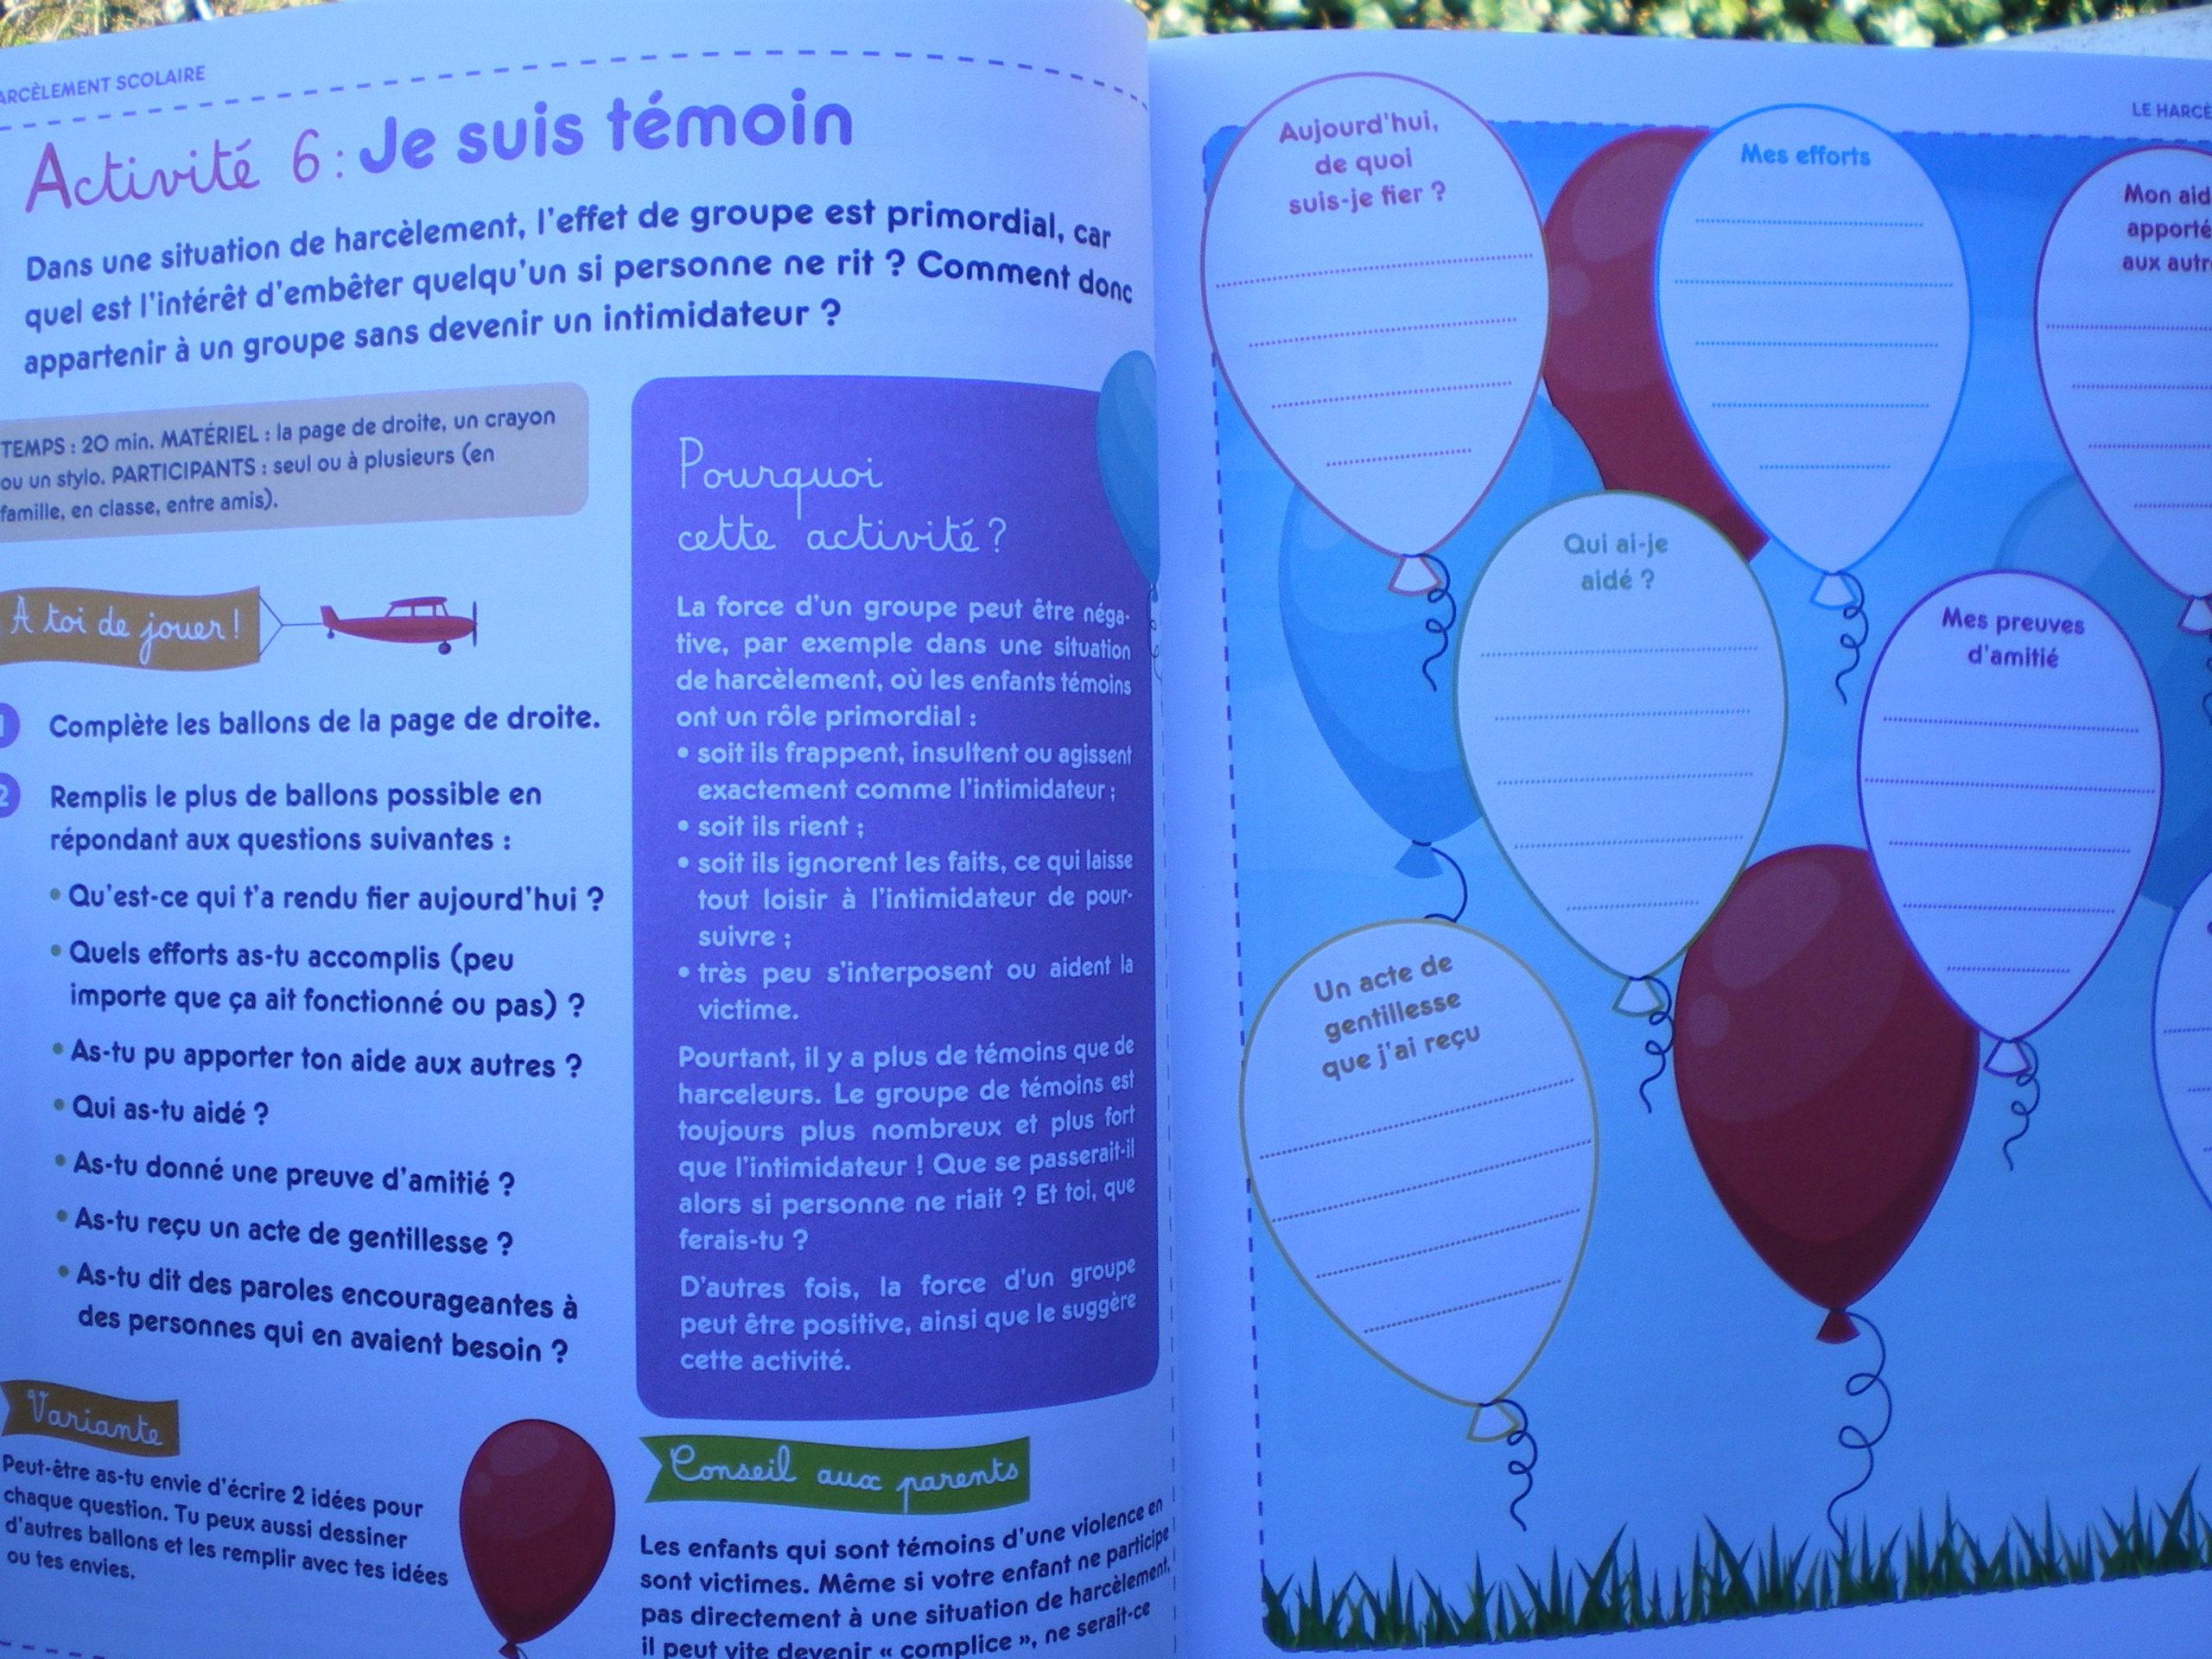 activités bienveillantes prévenir harcèlement école enfants